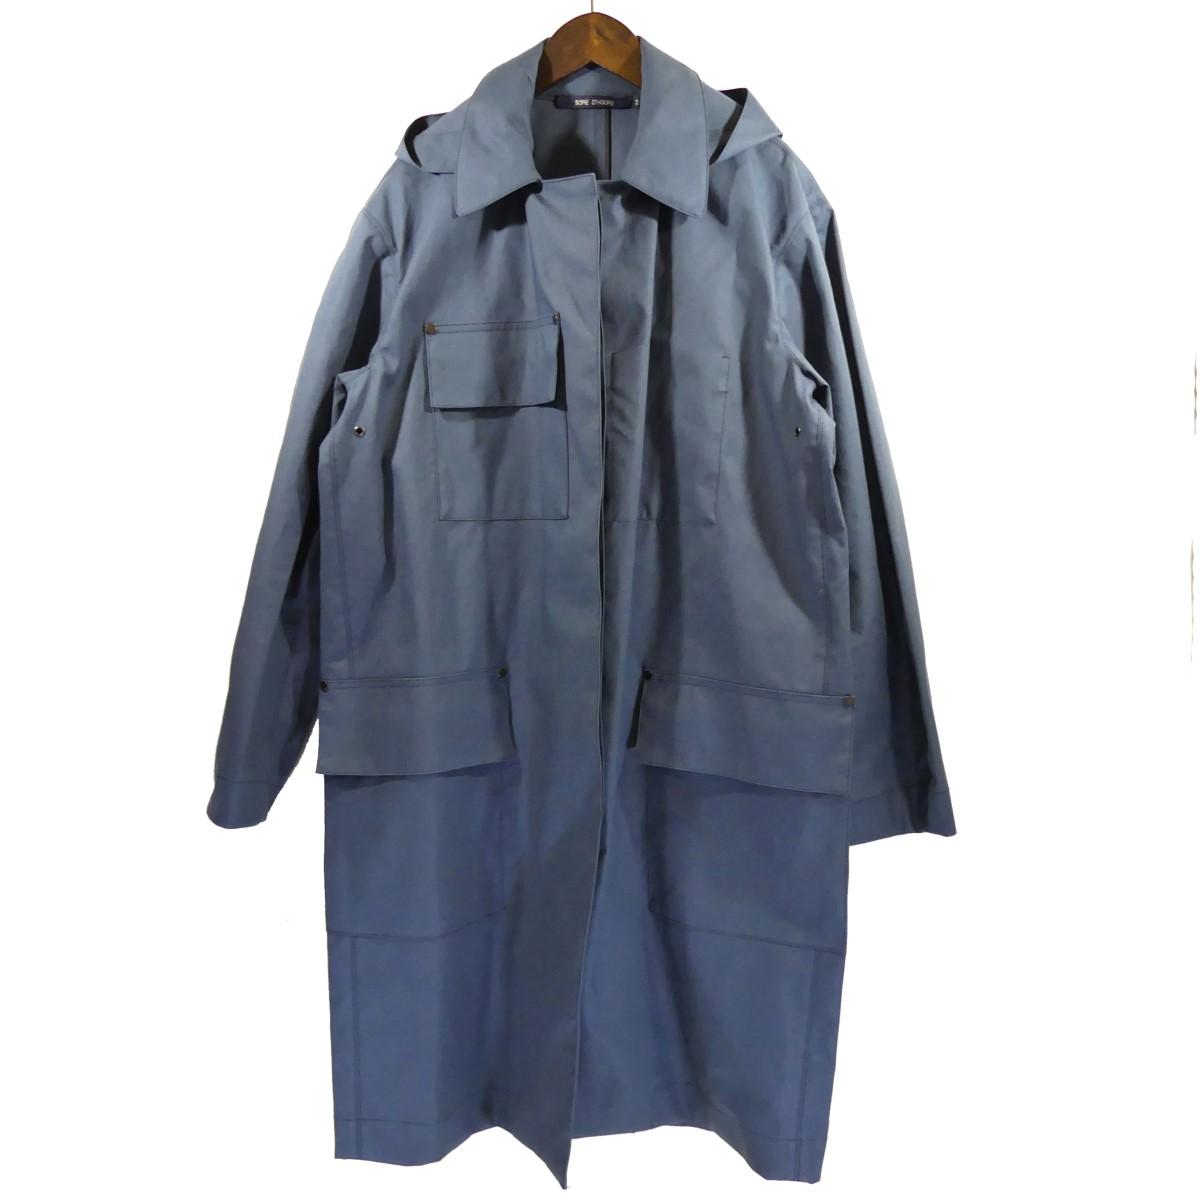 【中古】SOFIE D'HOORE フード付きステンカラーコート ネイビー サイズ:34 【080420】(ソフィードール)